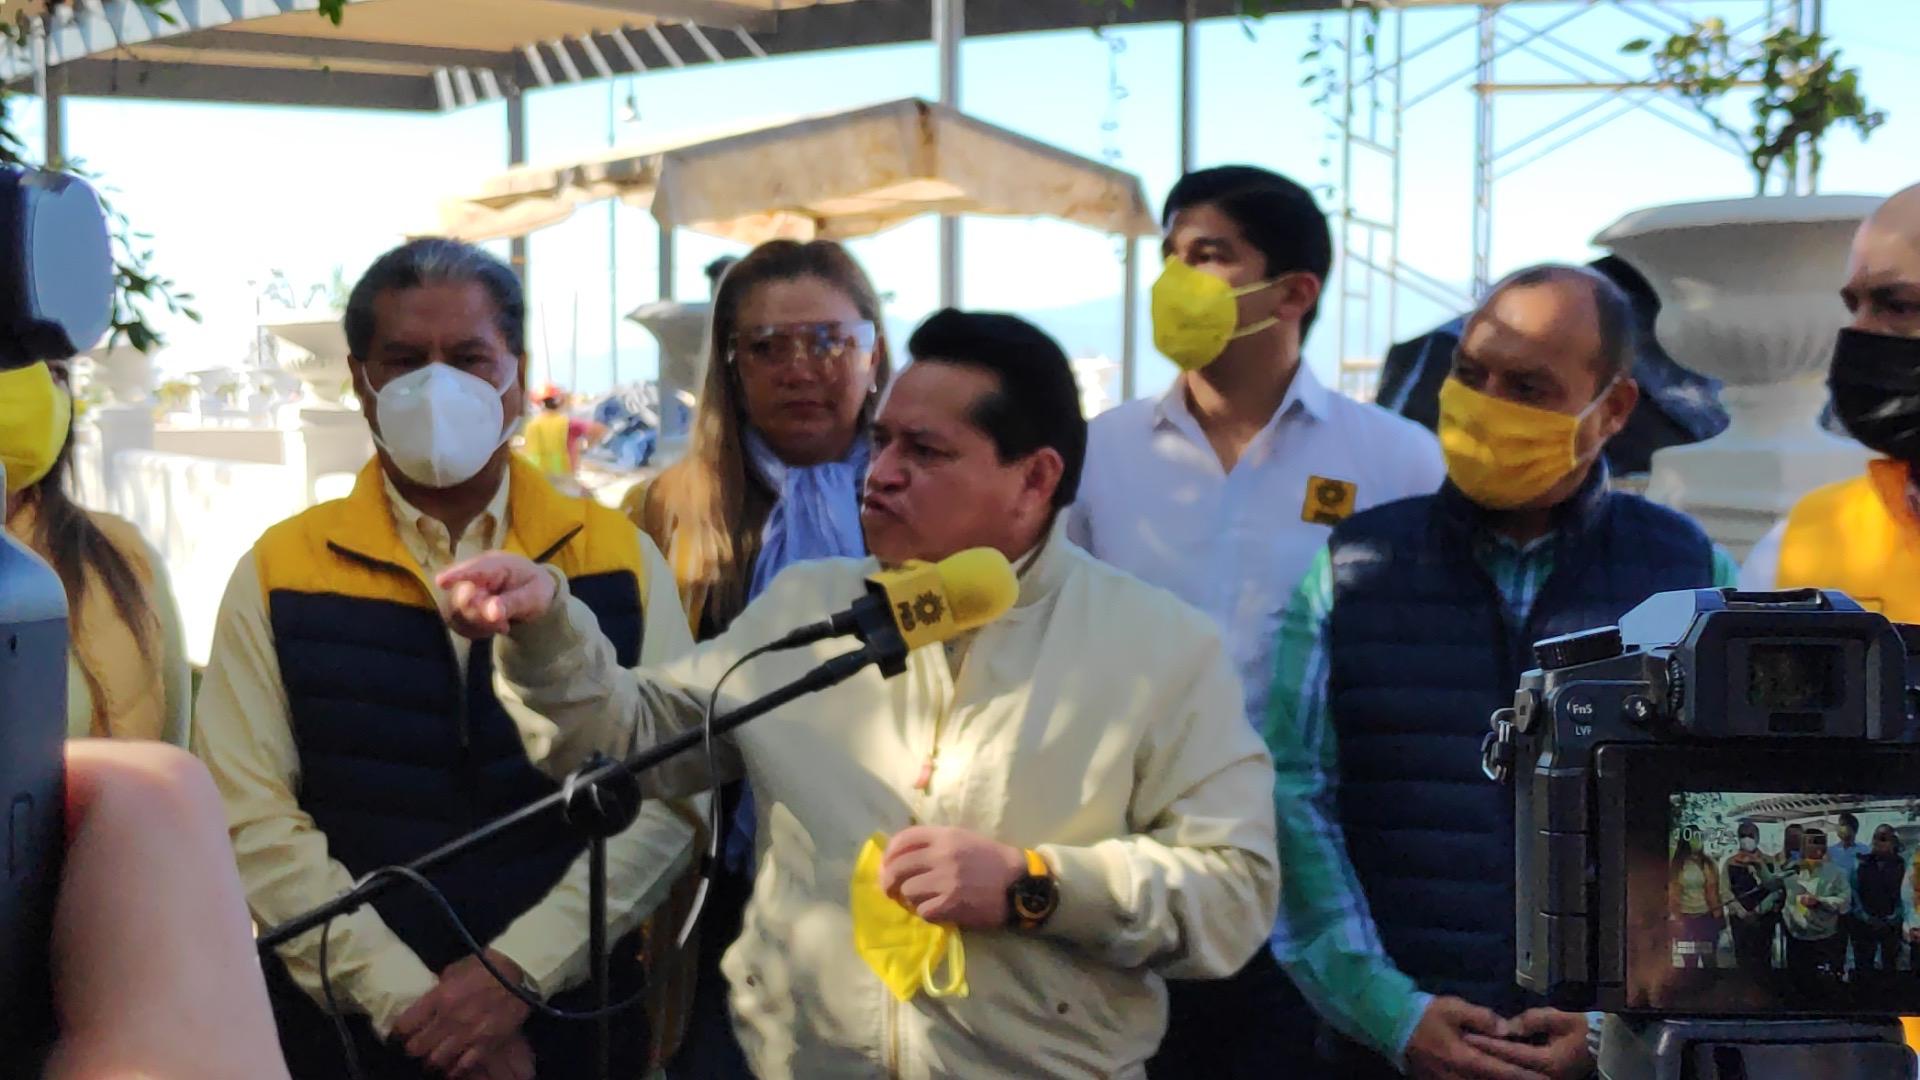 Aspirantes y alcaldes del PRD también han recibido amenazas: Sergio Cadena